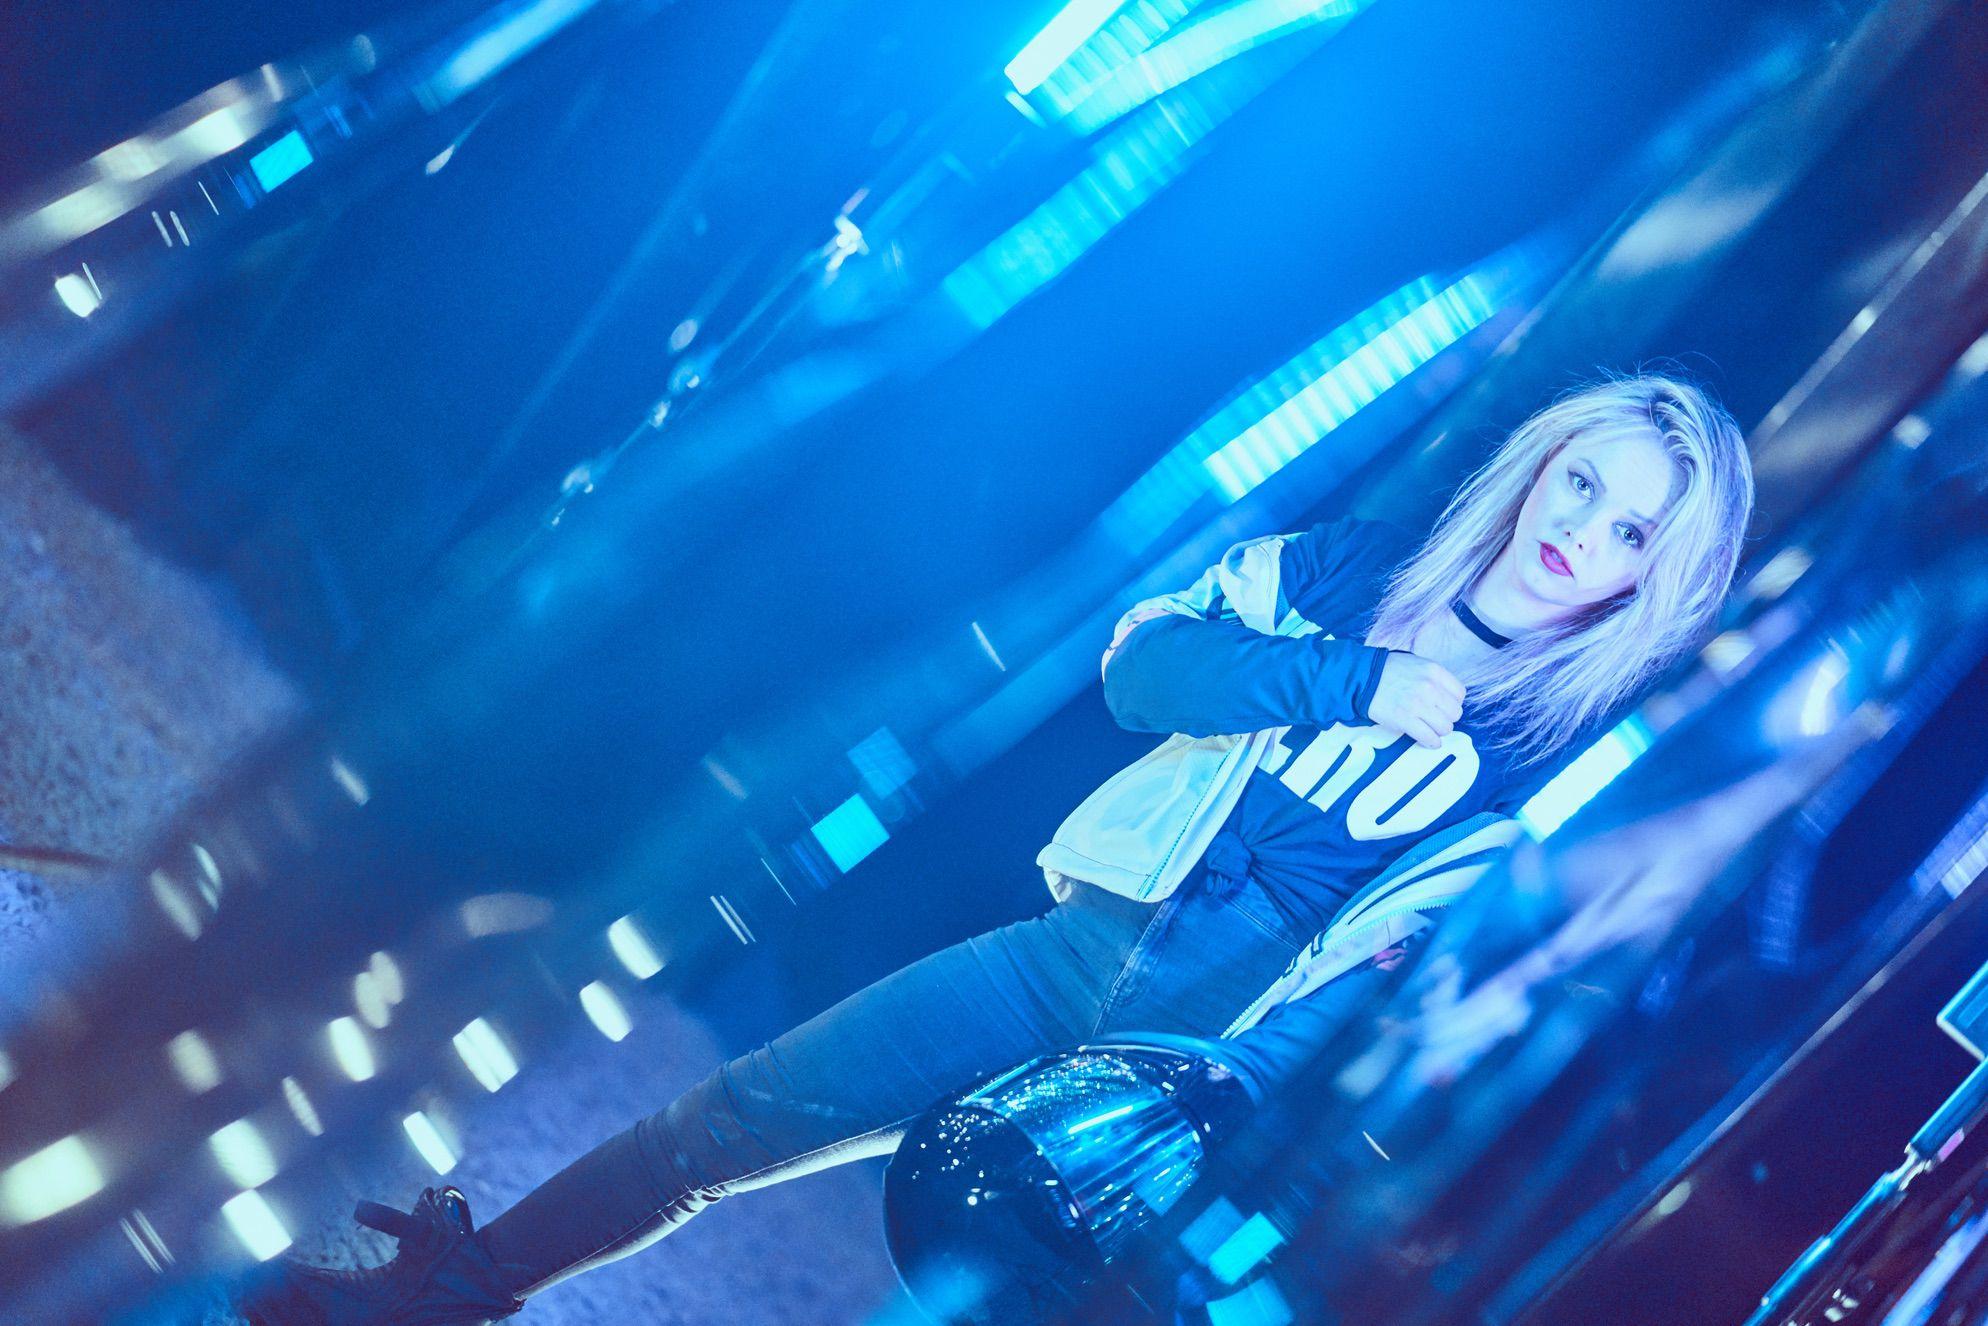 ewa_stunts_icon_merc_azul_session_34